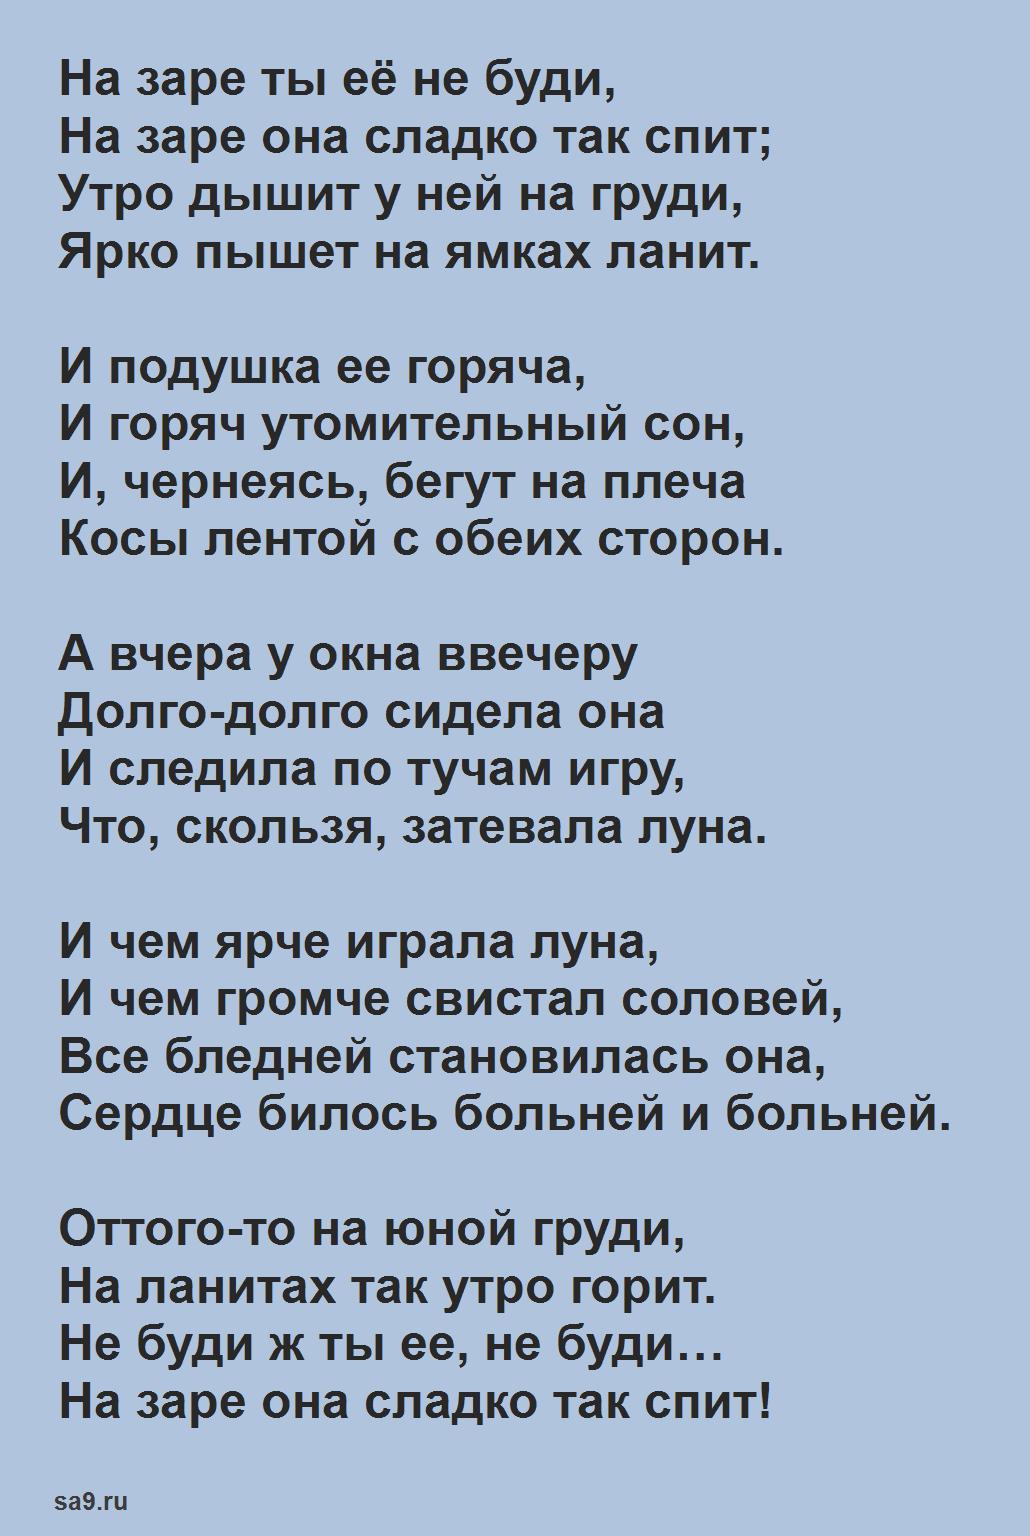 Фет стихи о любви - На заре ты ее не буди